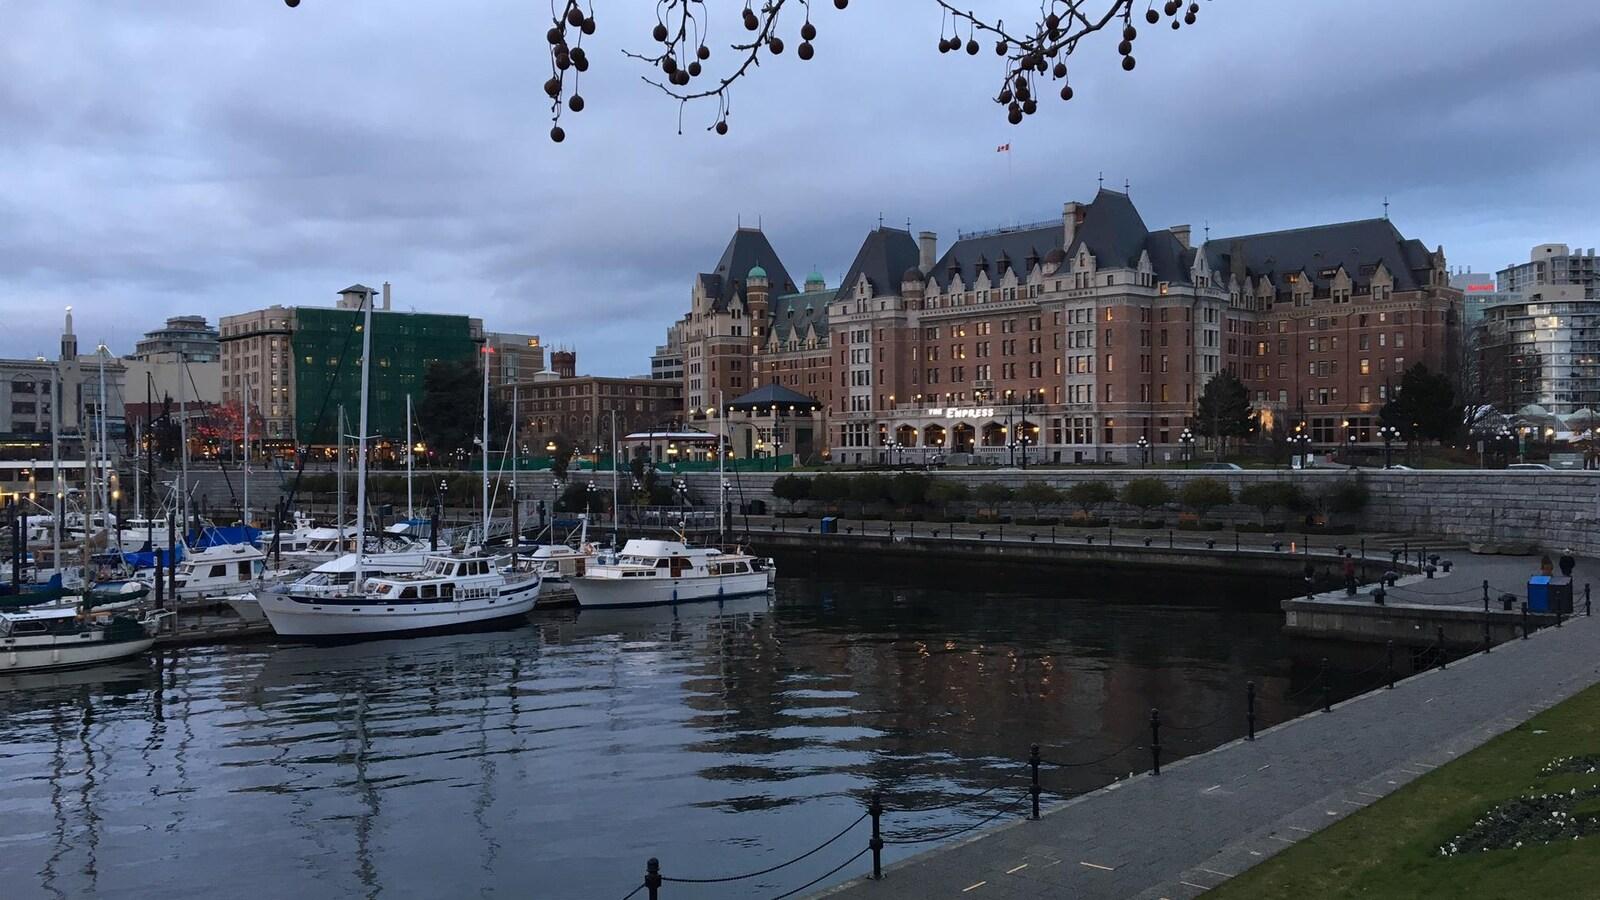 Une vue d'une marina et d'édifices anciens.